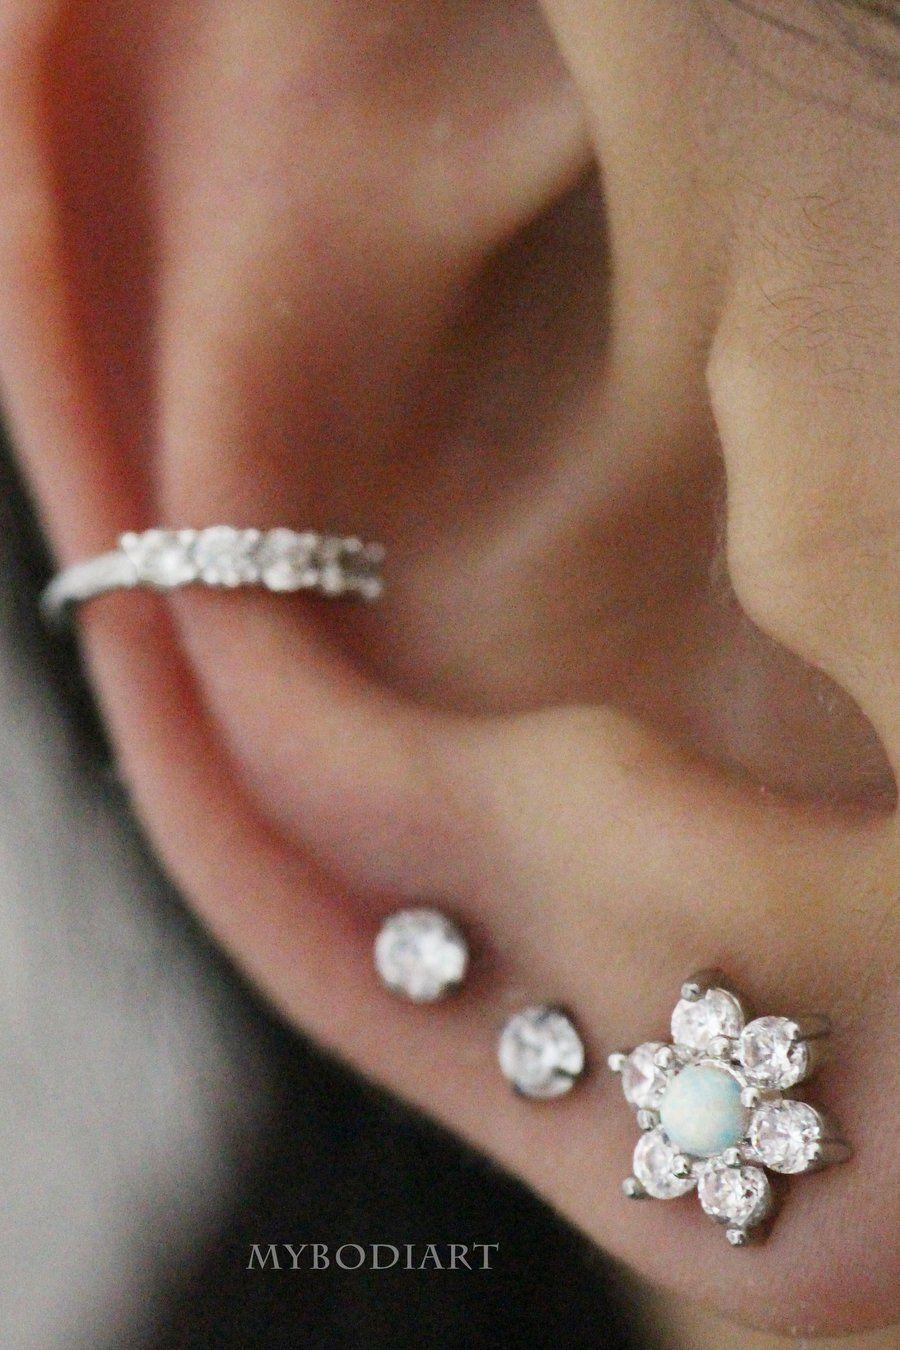 e266e4fc0 Unique & Cute Ear Piercing Jewelry Ideas for Women - Crystal Opal Star  Flower Earring Stud for Cartilage, Helix, Tragus, Conch, Ear Lobe - www.